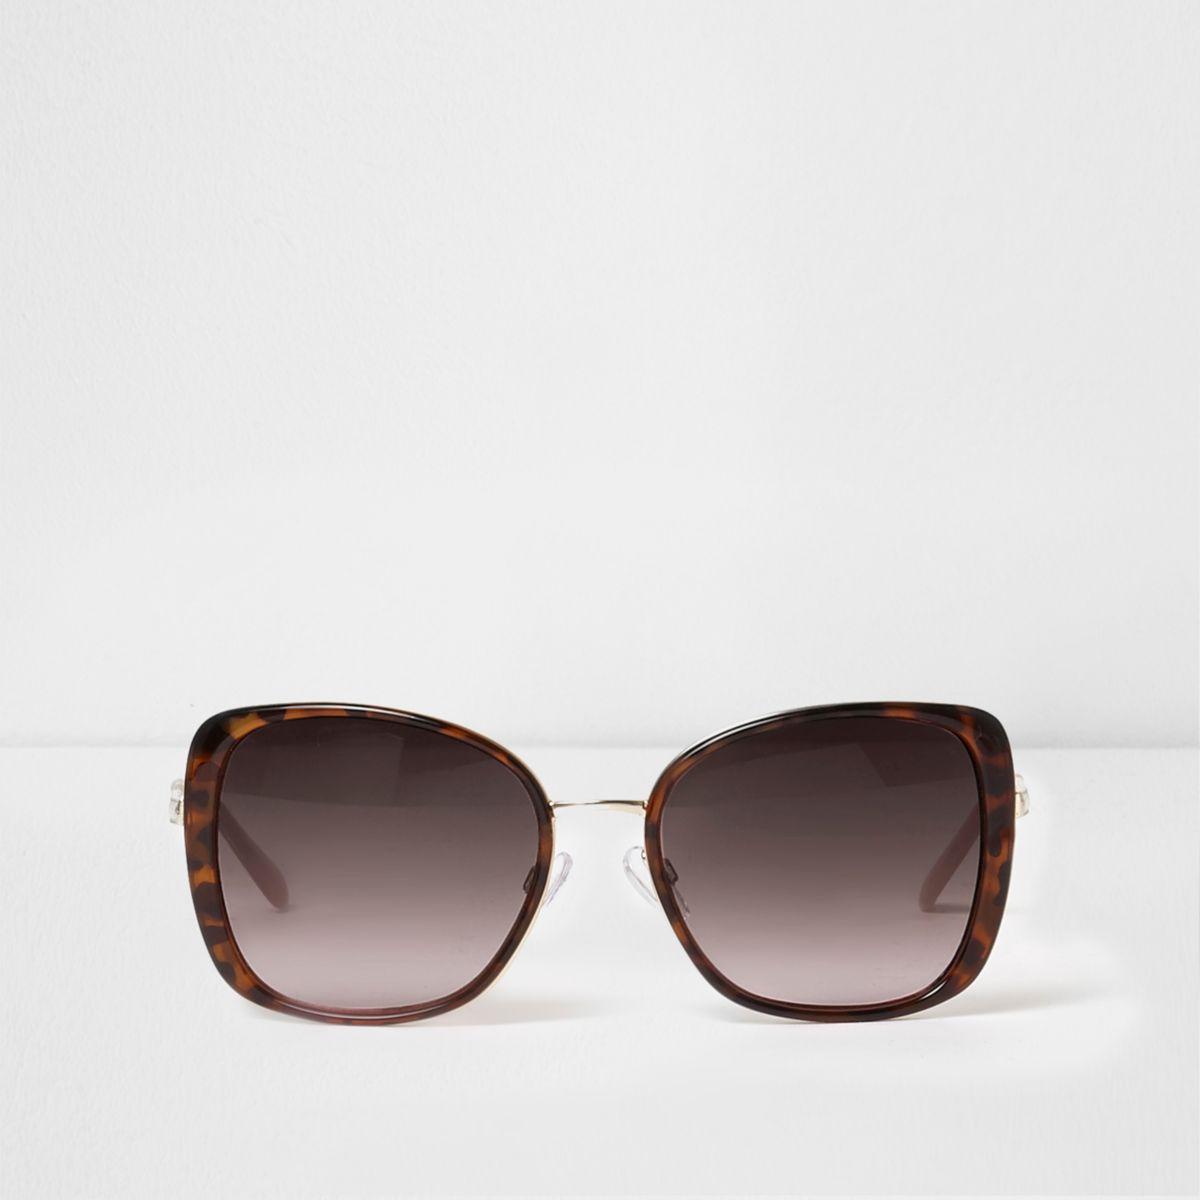 Glamorous - Lunettes de soleil oversize écailles de tortue - Marron L7Dj8